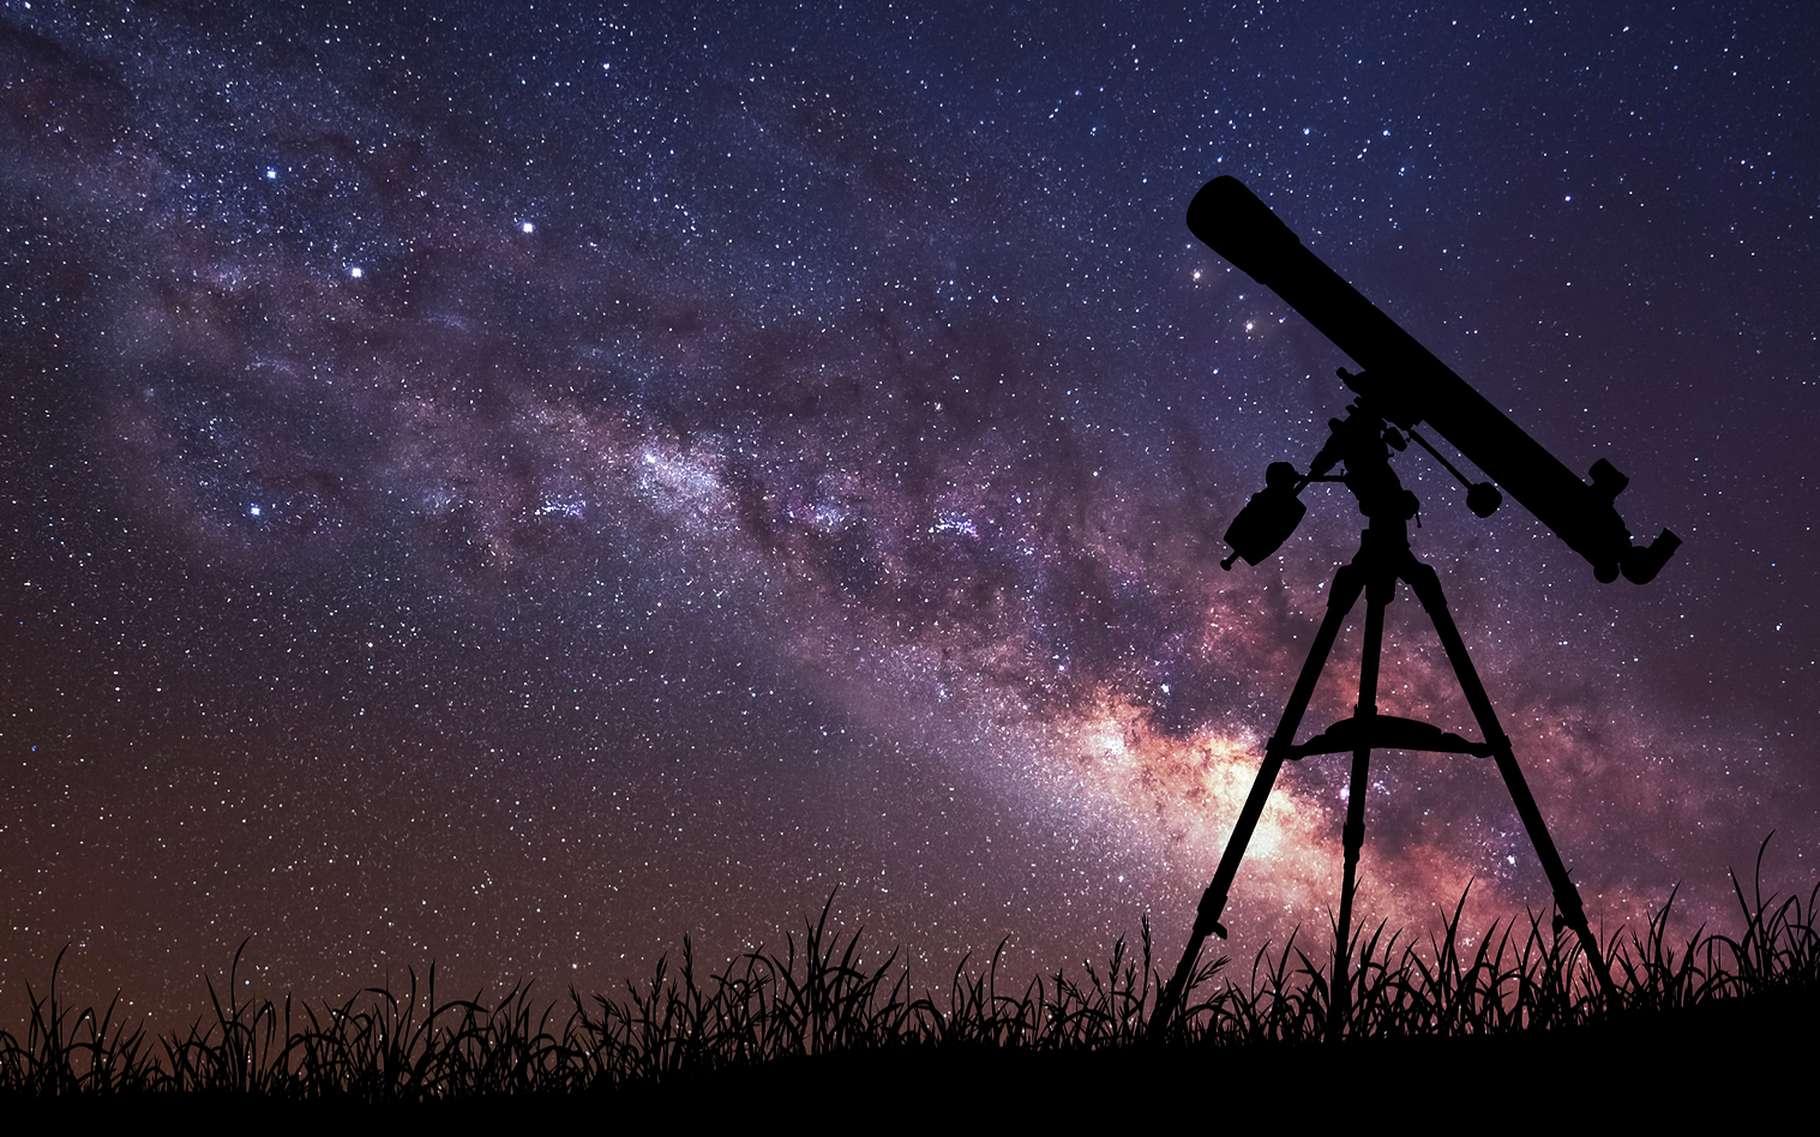 Une nouvelle technique mise au point par des chercheurs européens promet de doper la puissance des télescopes. © Vadim Sadovski, Shutterstock